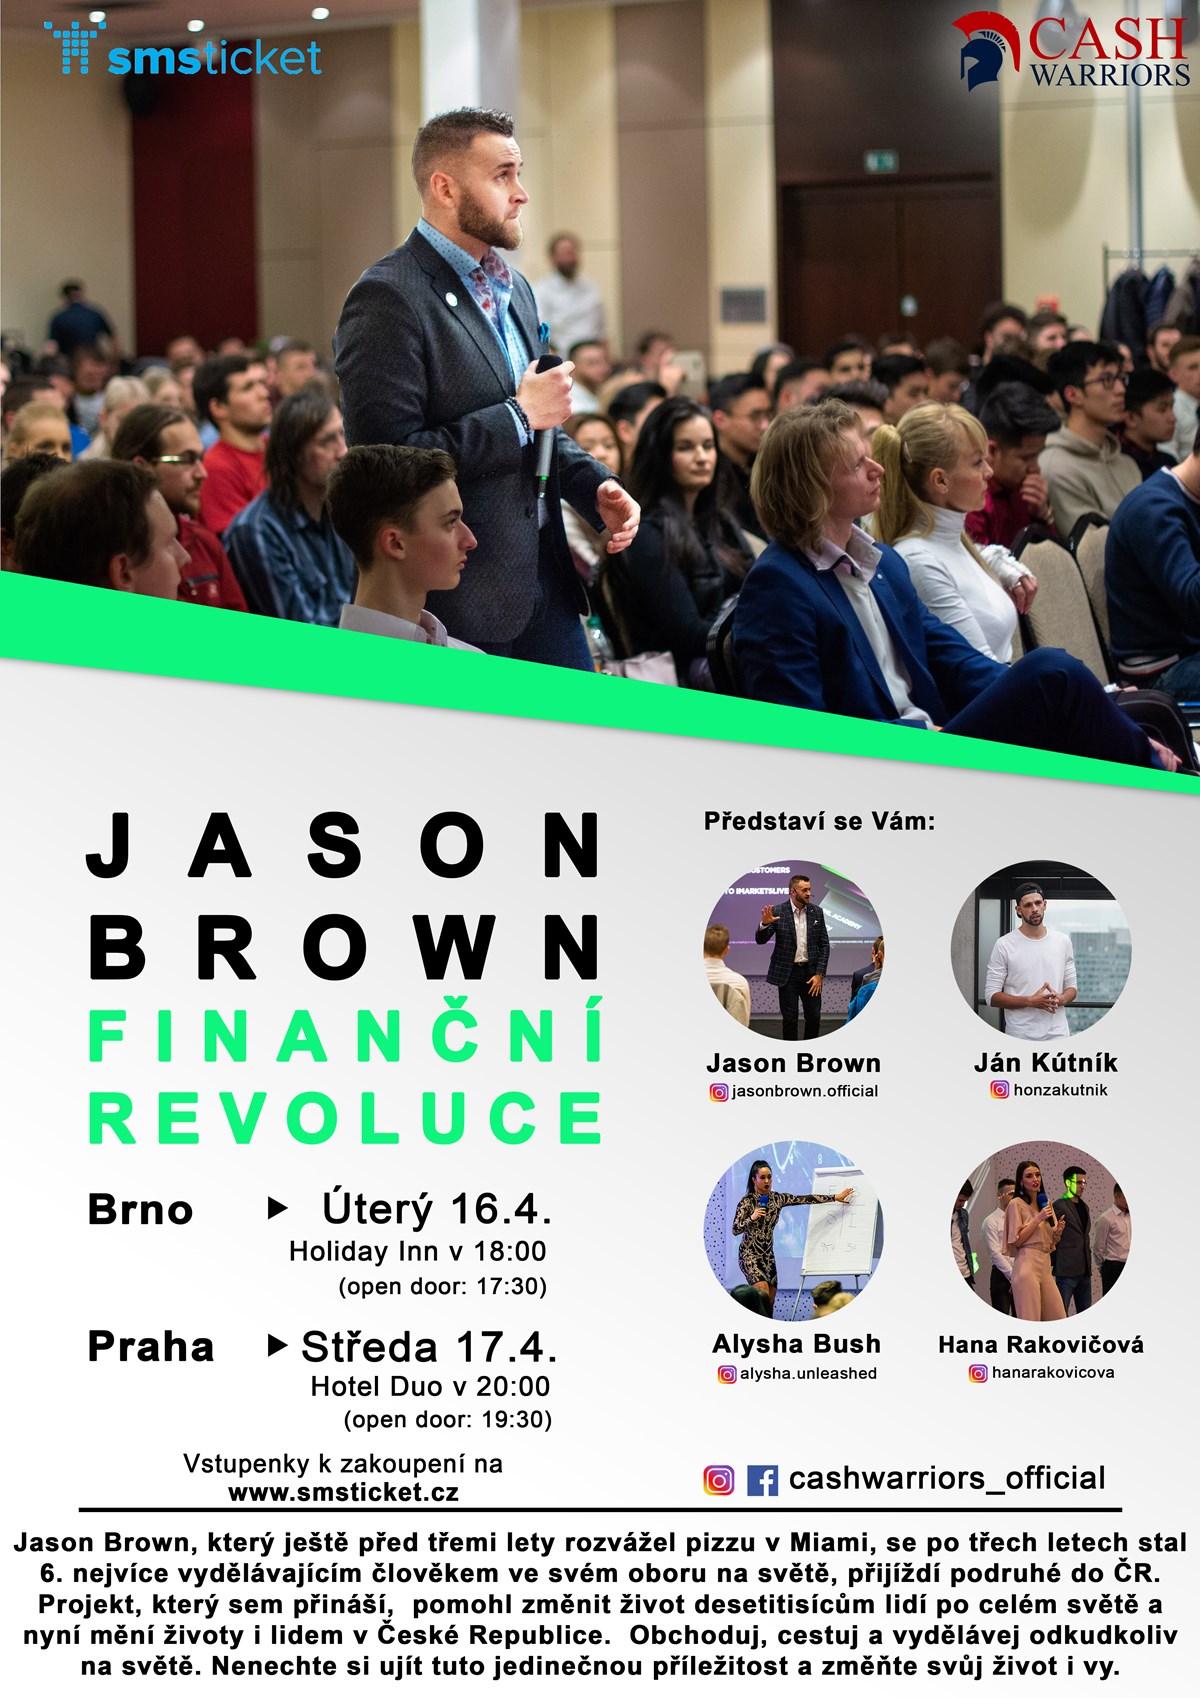 Finanční revoluce Jason Brown